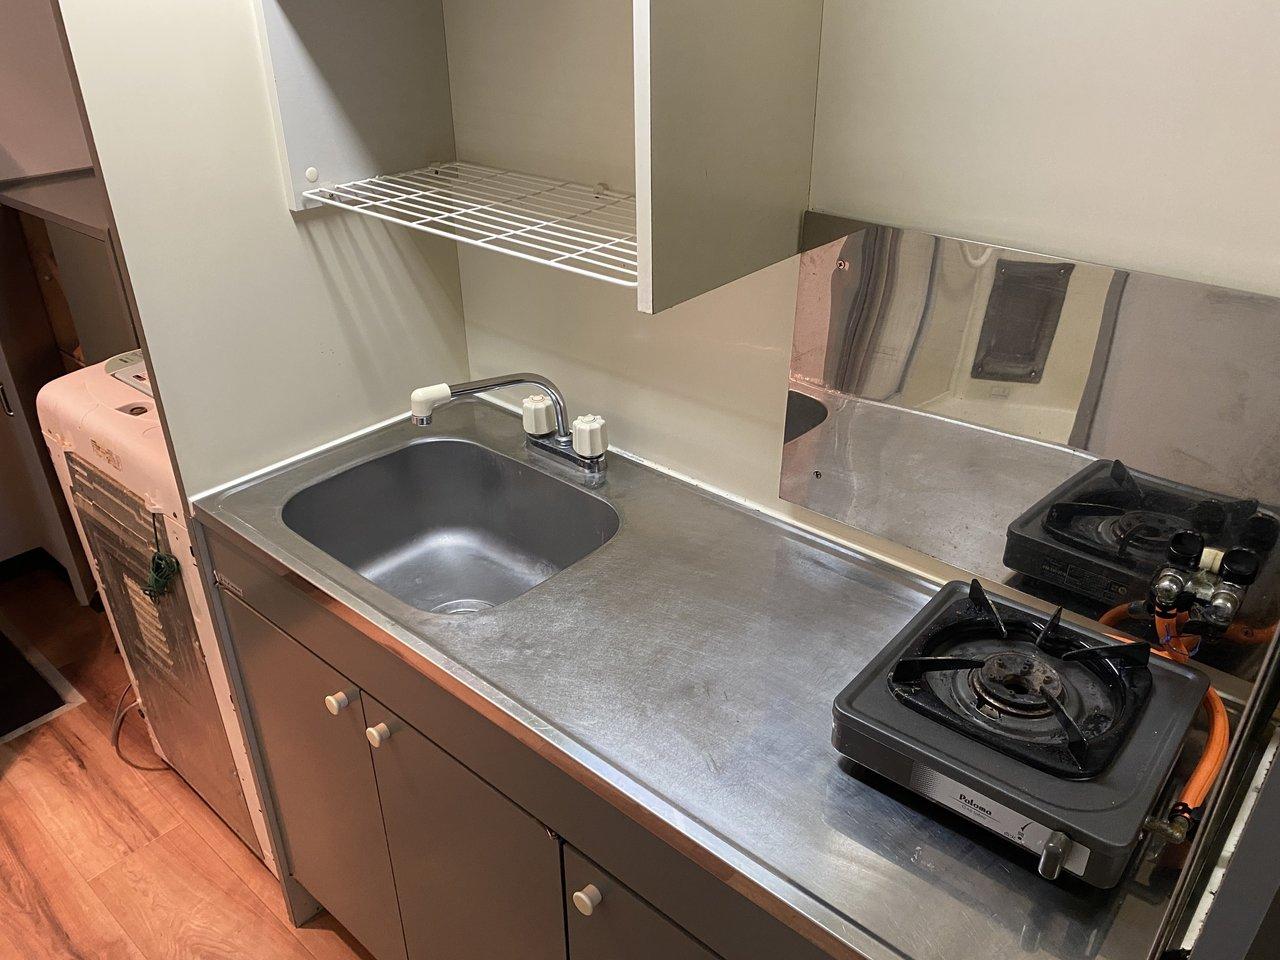 キッチンはコンパクトですが、作業スペースが確保されているので、調理する際に役立ちそう!